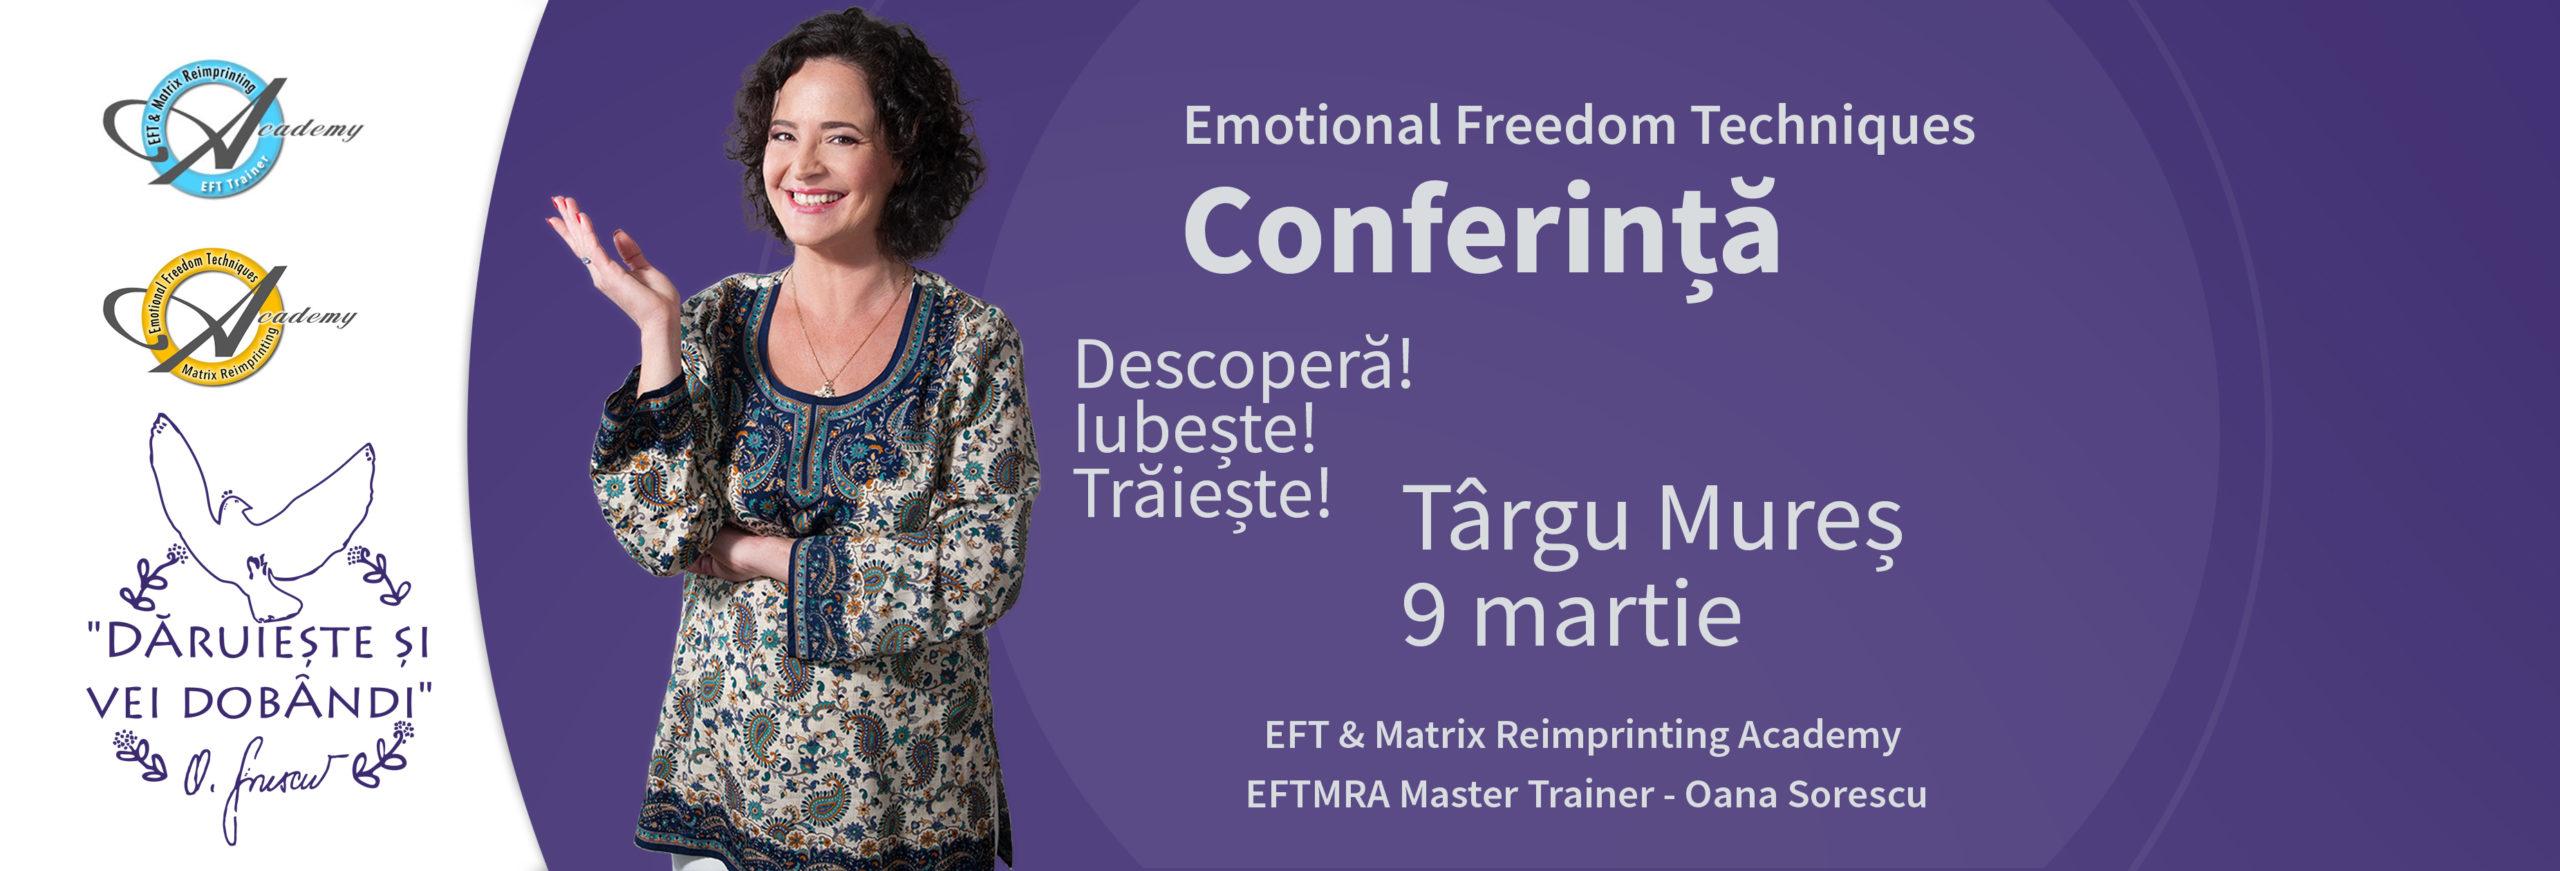 Conferinta EFT